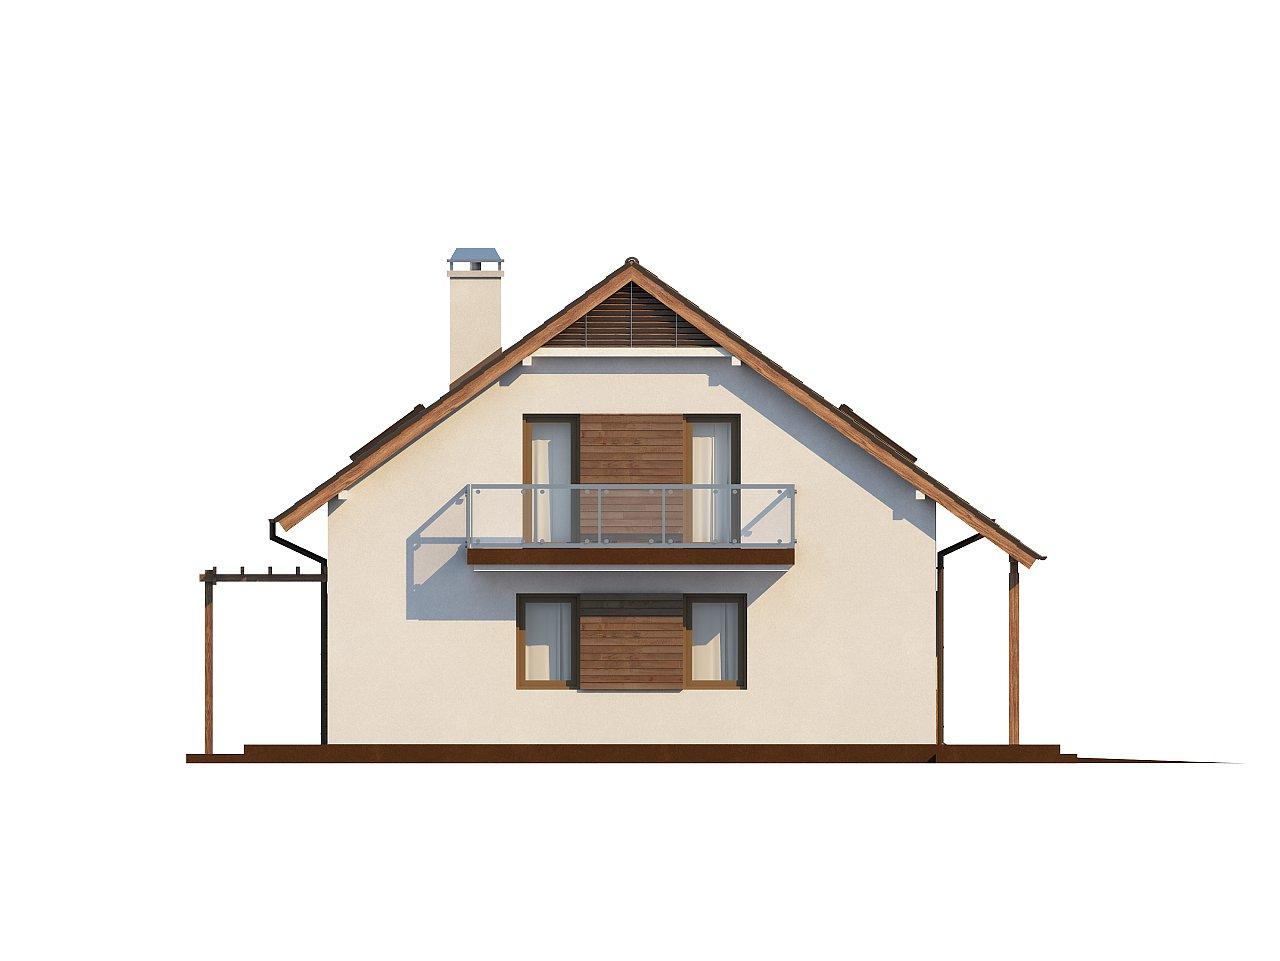 Практичный дом с мансардой, встроенным гаражом и дополнительной спальней на первом этаже. - фото 5